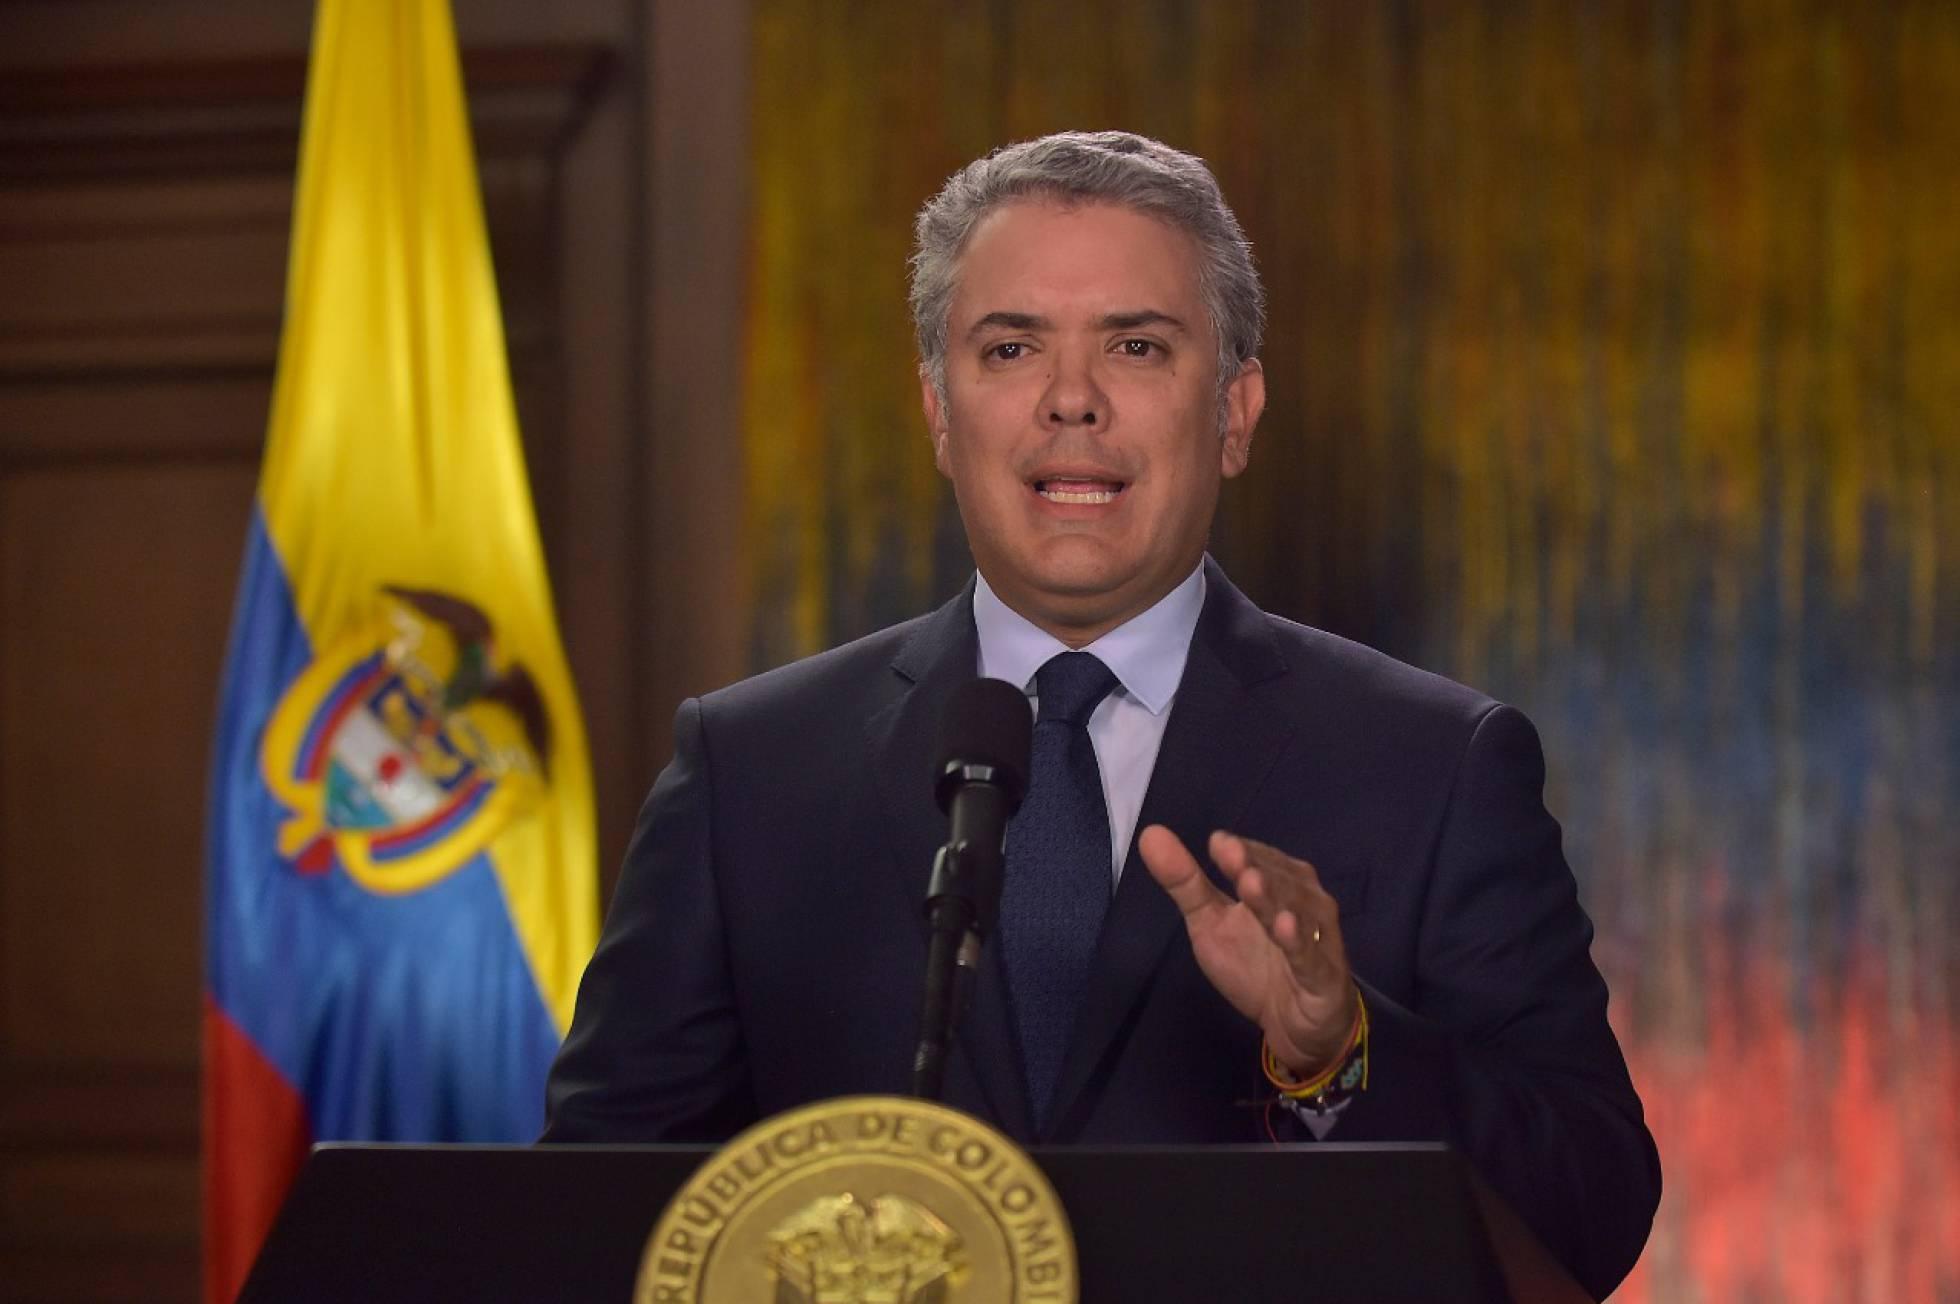 Iván Duque, presidente de Colombia. Foto: Presidencia de Colombia.